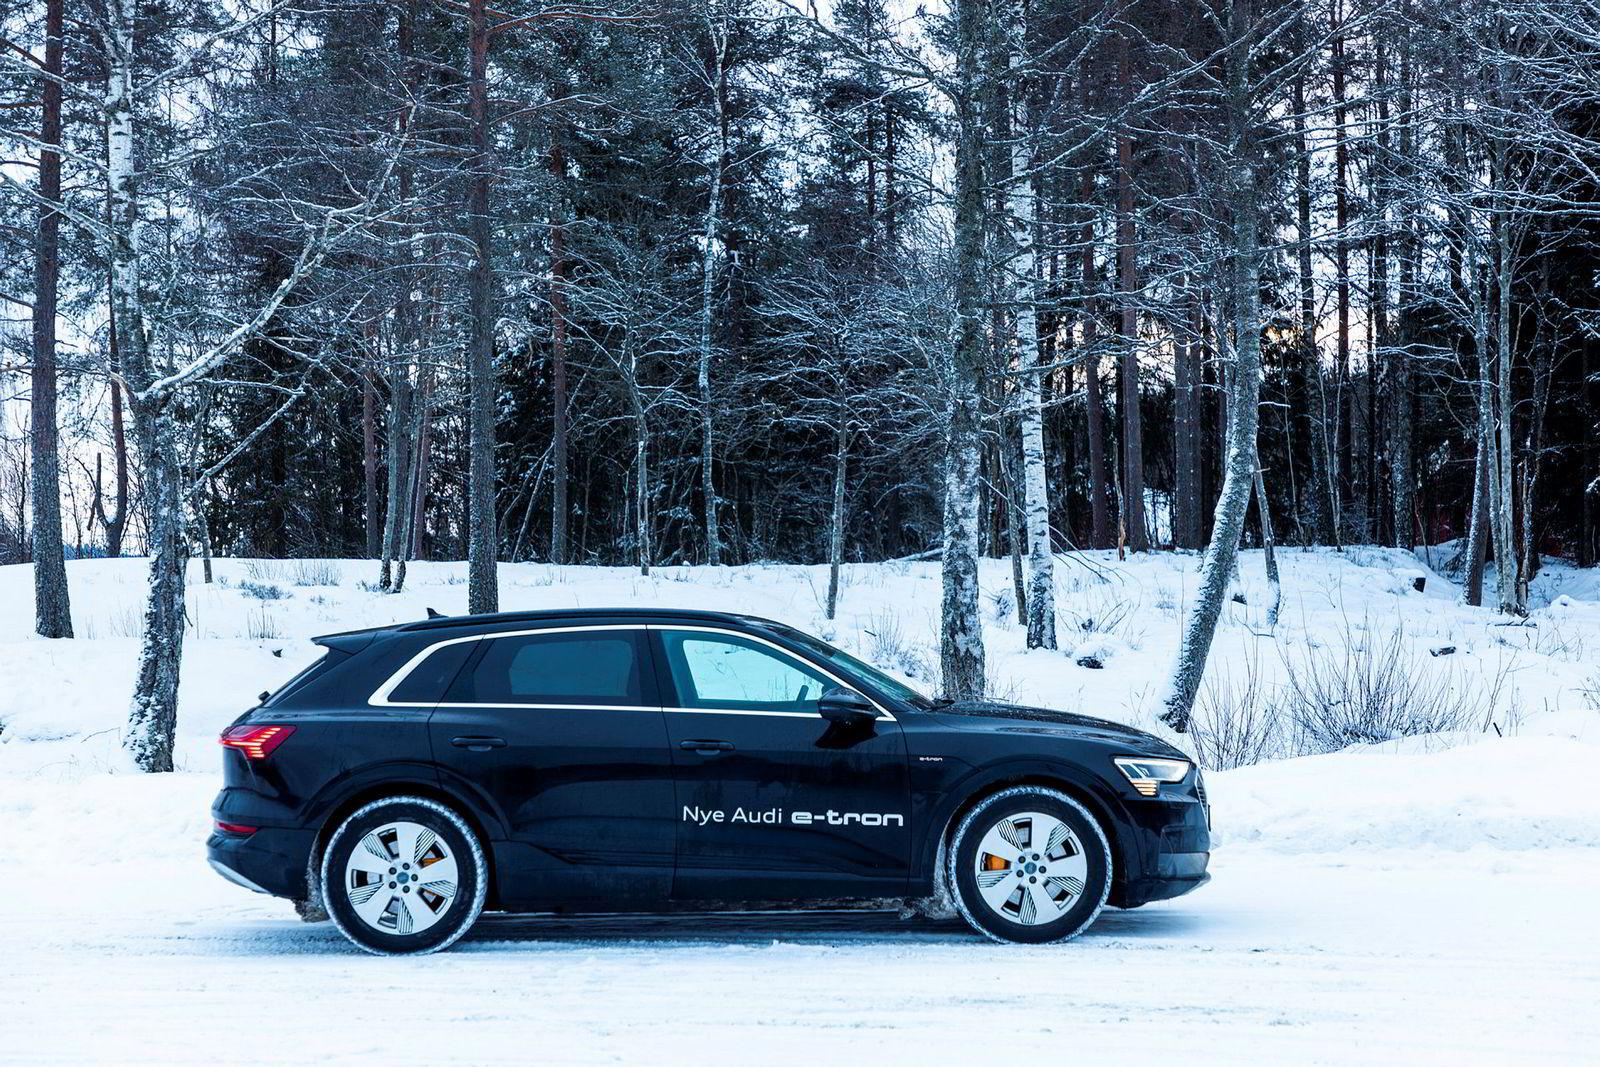 Solid byggekvalitet og gode kjøreegenskaper gjør Audi E-tron til en utfordrer til Teslas elbiler.